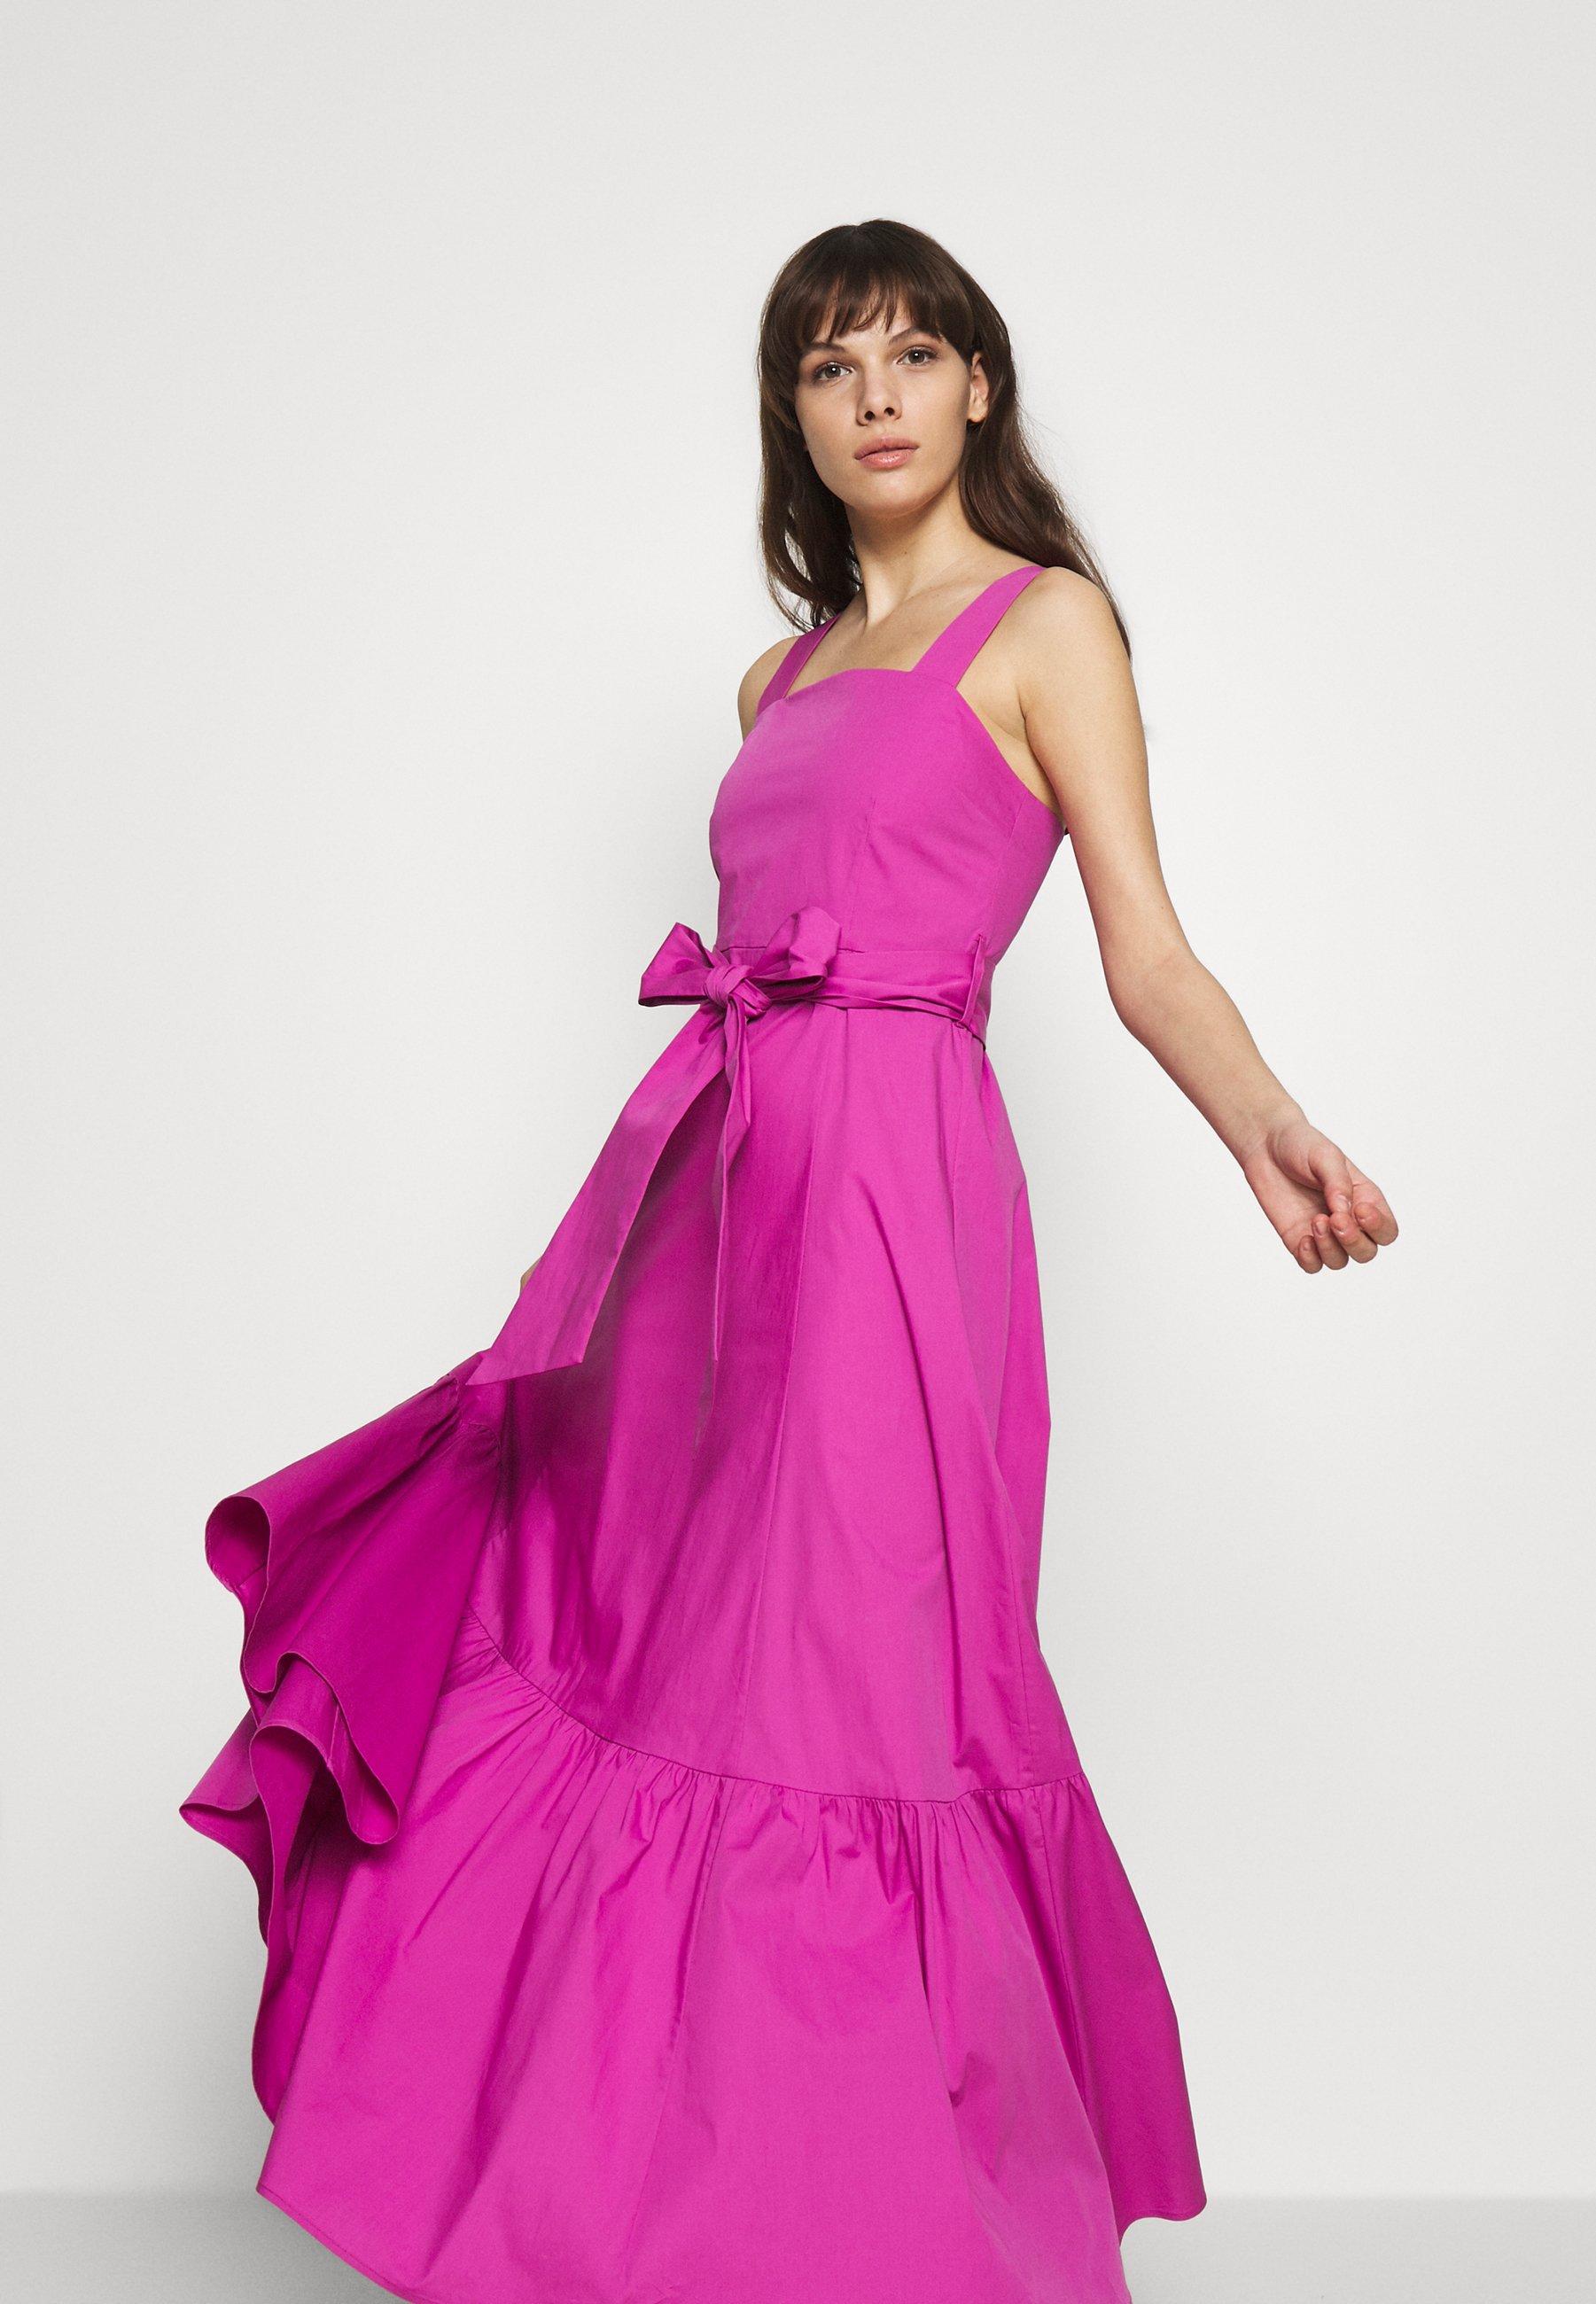 Ivy & Oak Strap Dress Ankle Length - Day Super Pink UK